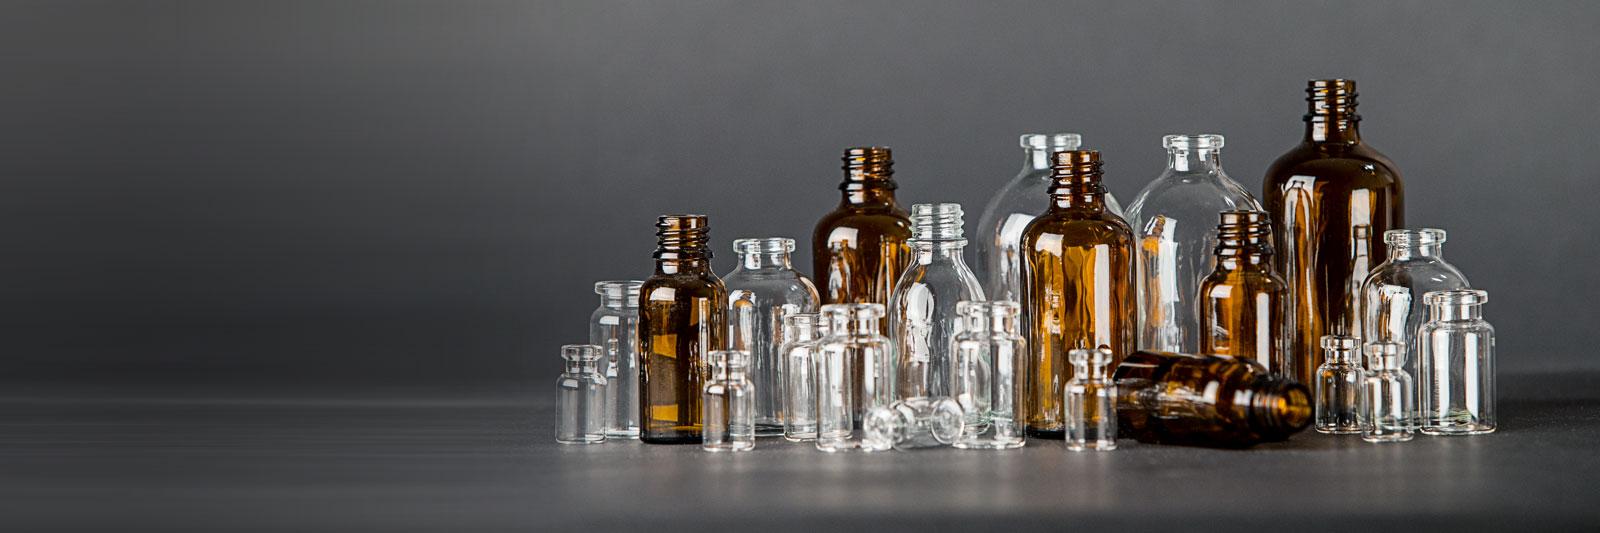 empty-vials-title-l.jpg